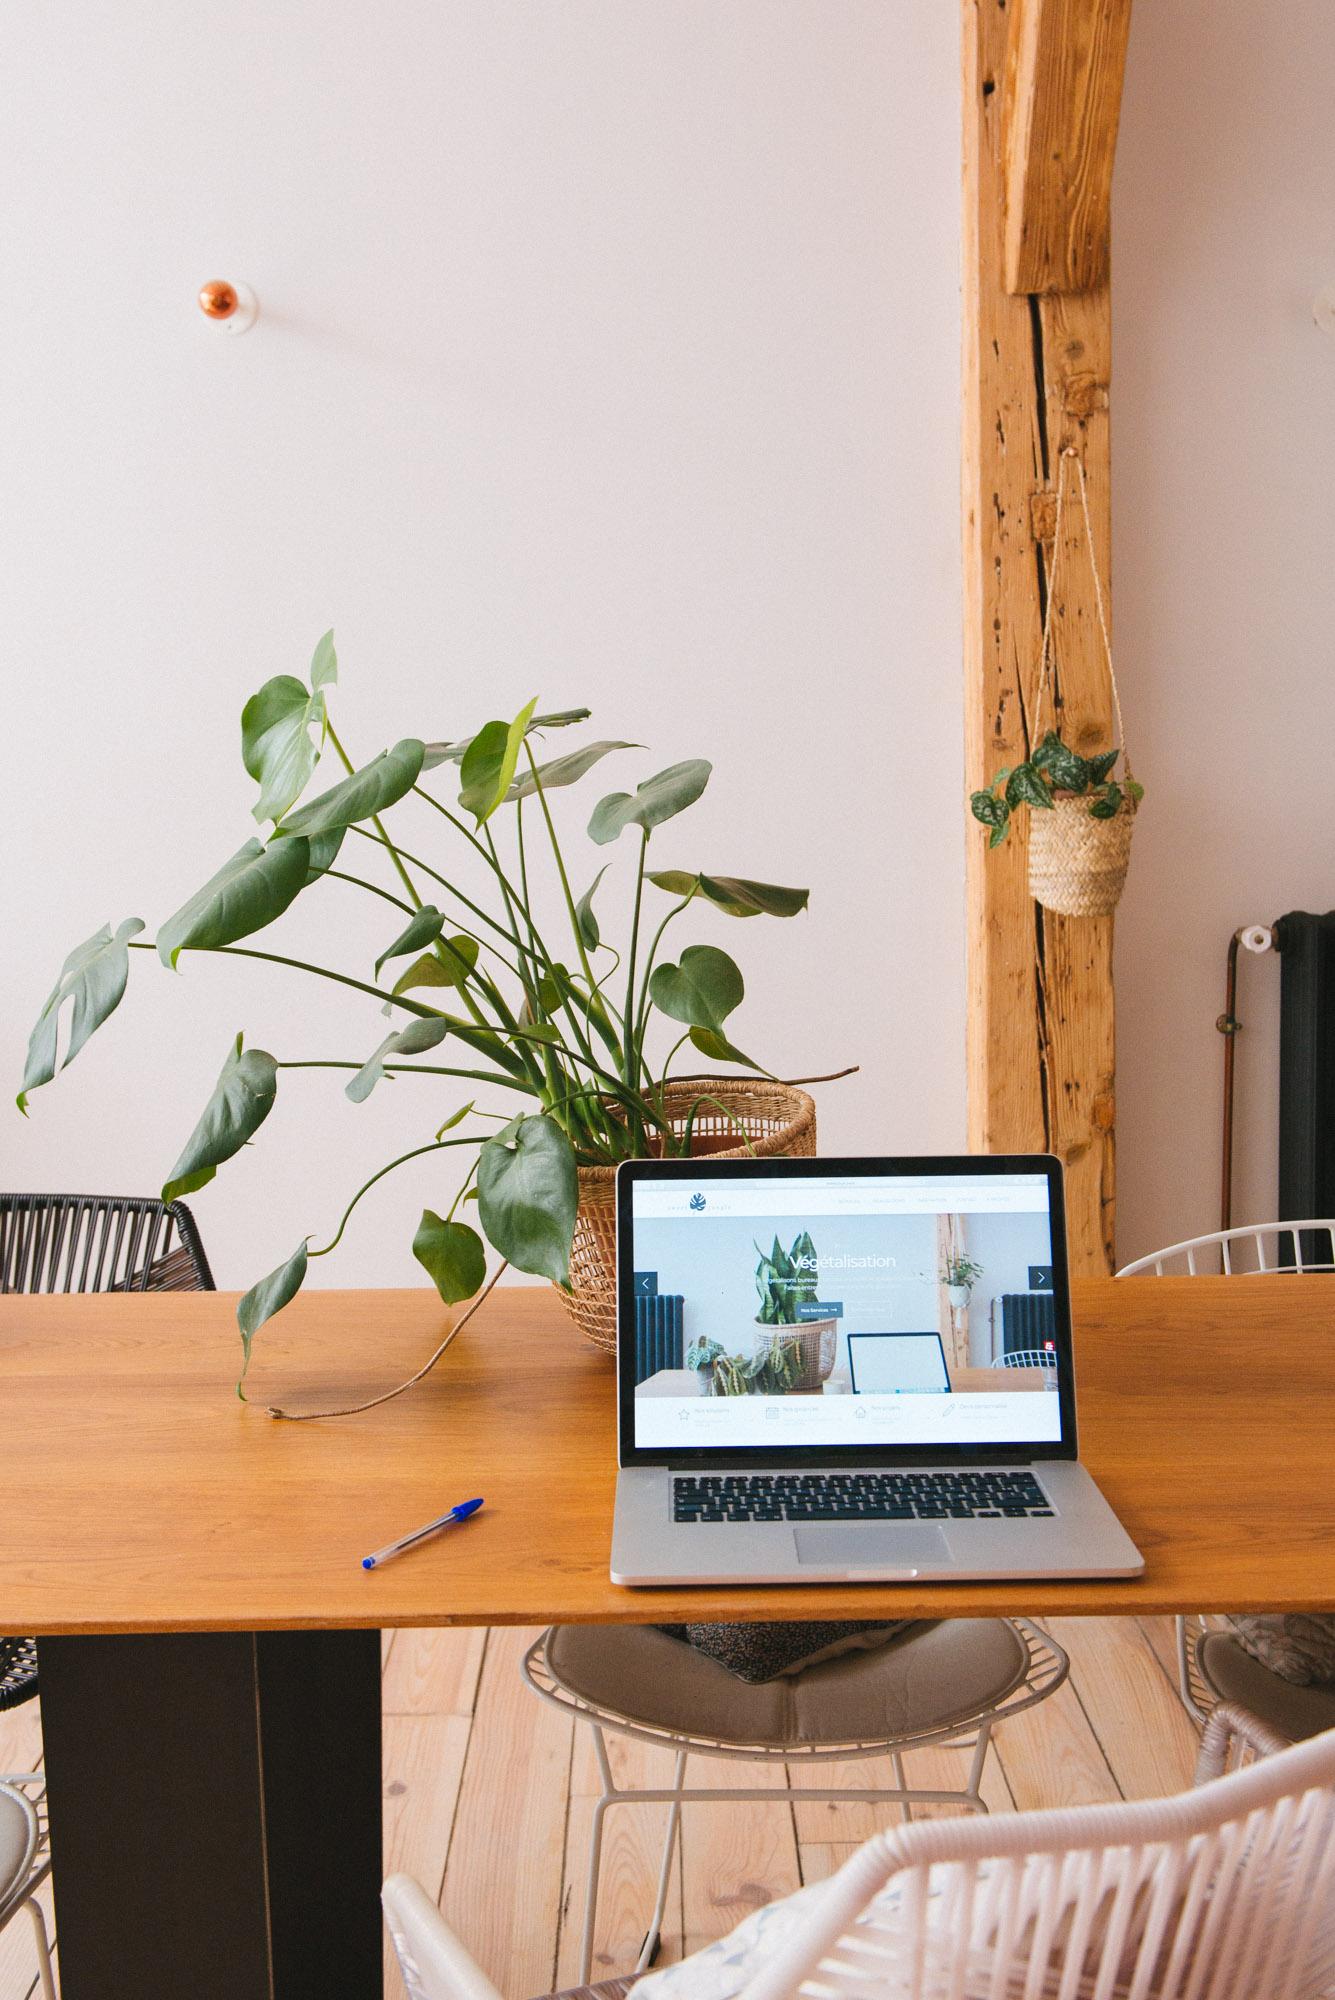 plantes d'intérieur bureau travail végétalisation décoration végétale